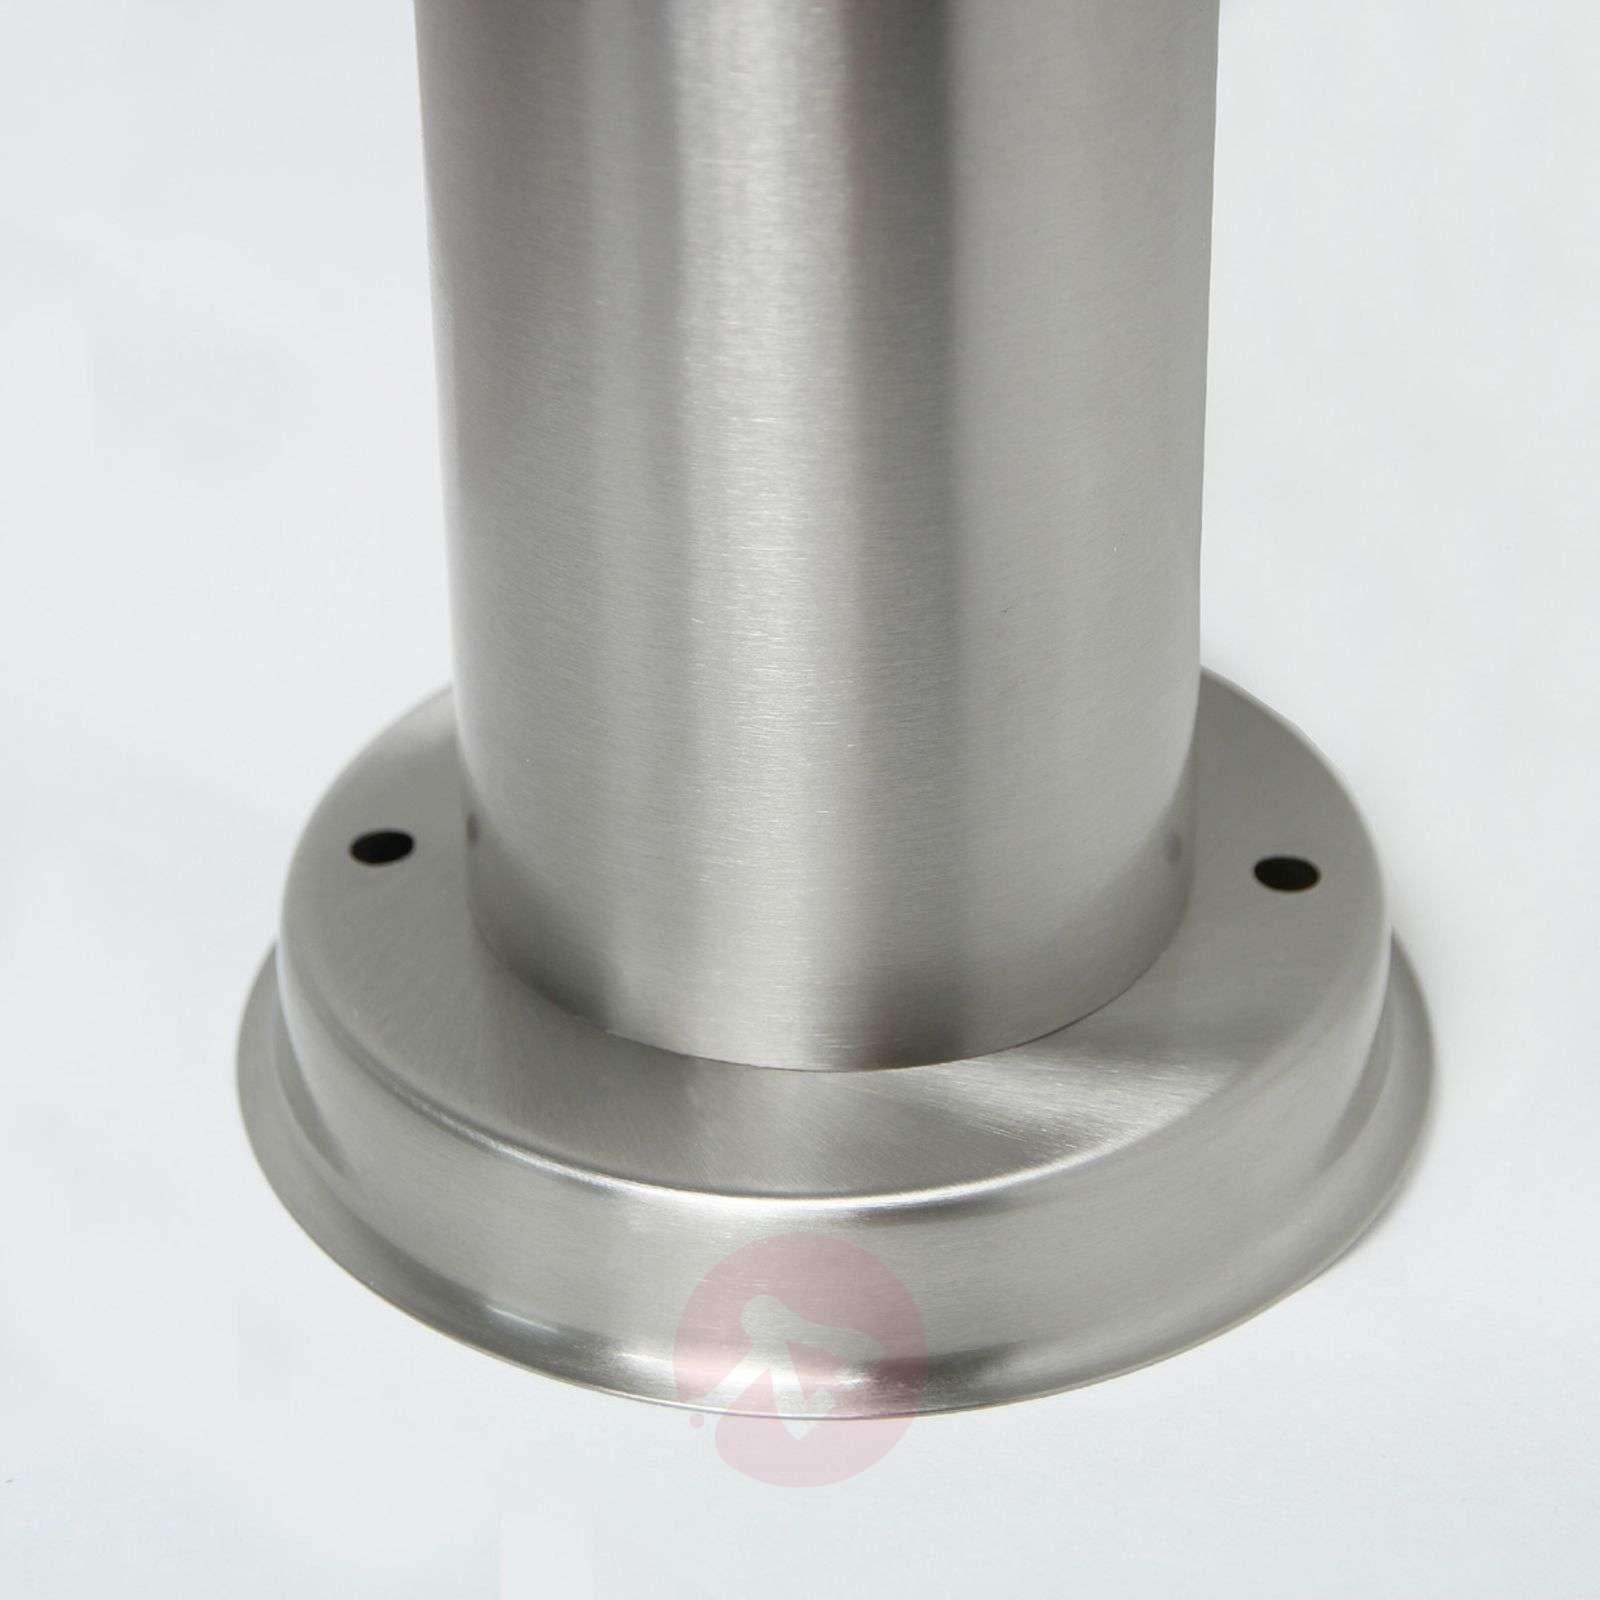 Stainless steel pillar light Selina-9972015-06